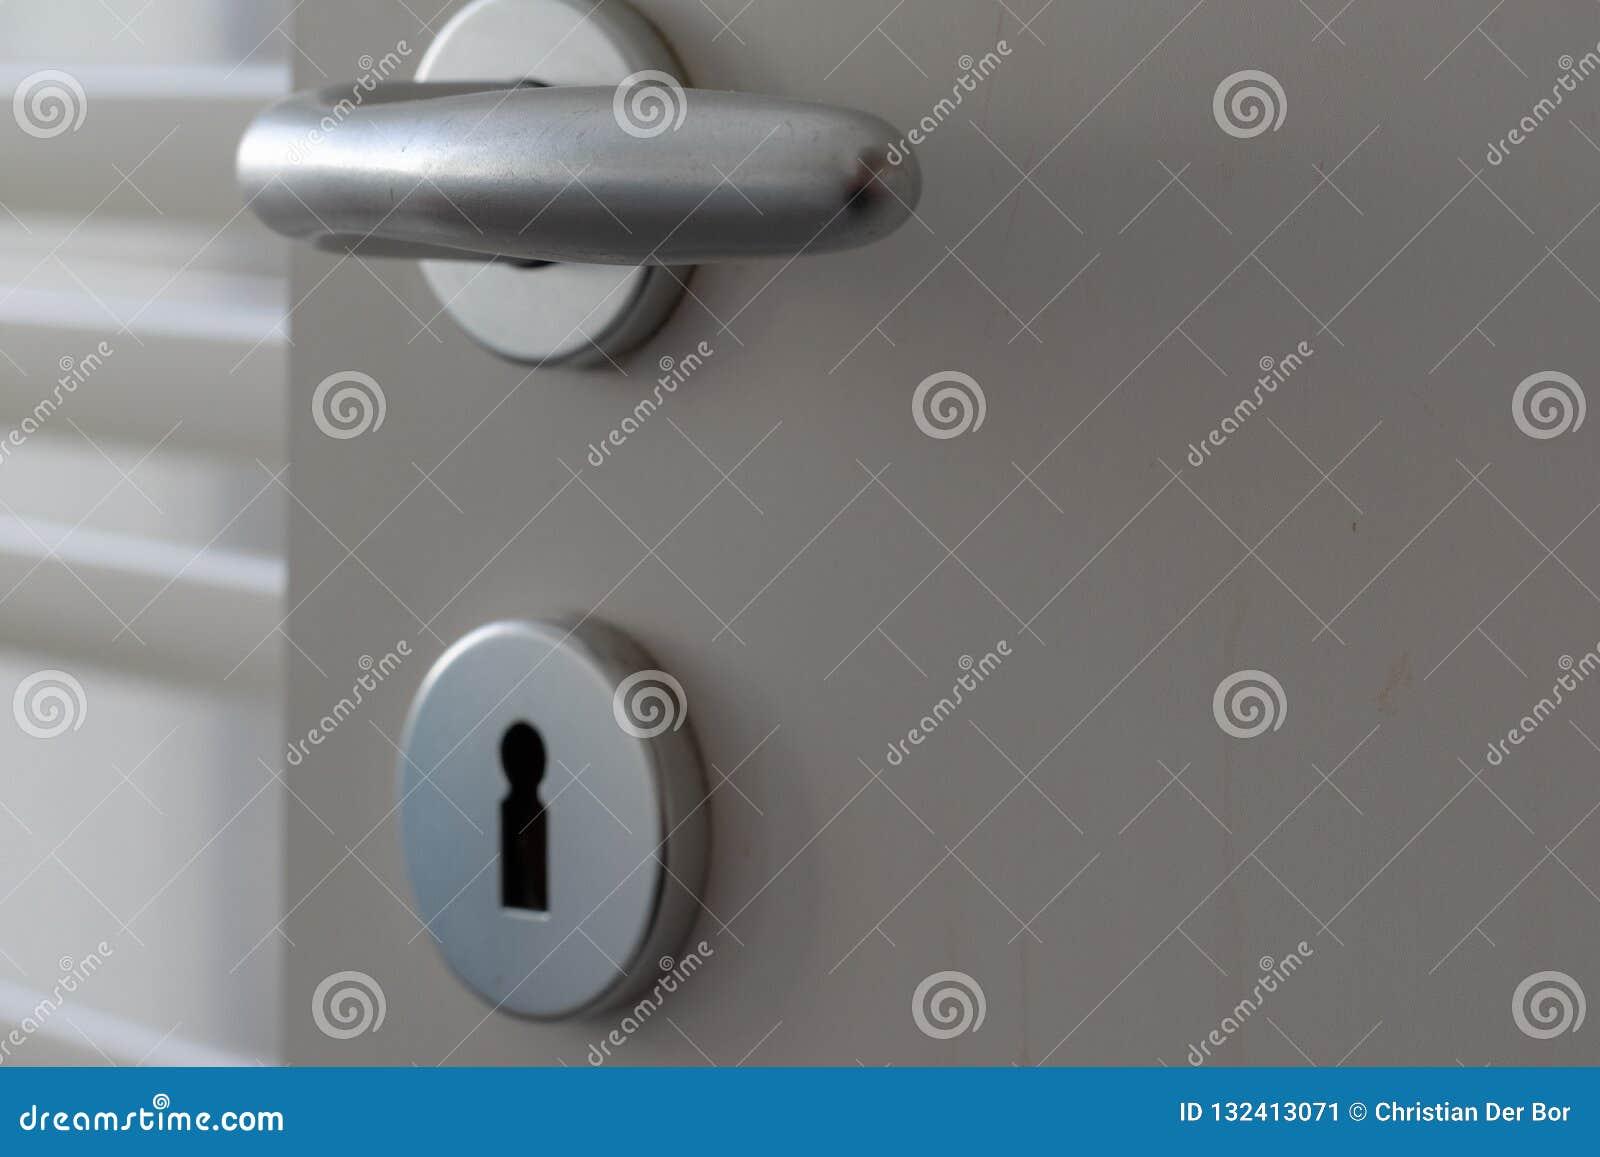 Cerradura de puerta con la manija y la llave